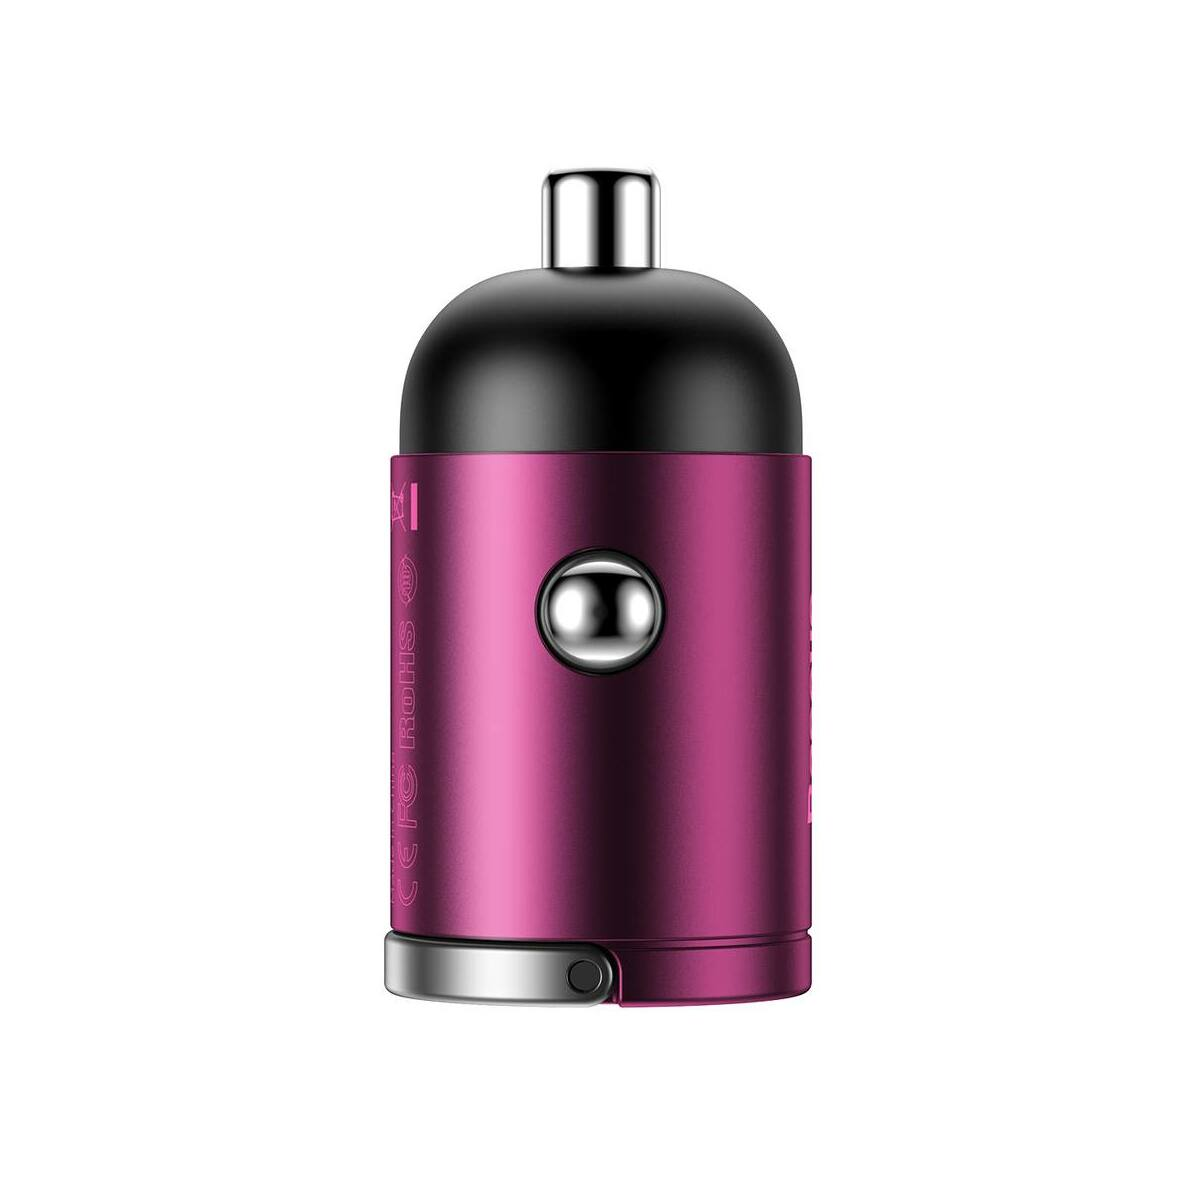 Baseus autós töltő, Tiny Star Mini PPS Type-C csatlakozóval, 30W, rózsaszín (VCHX-B04)